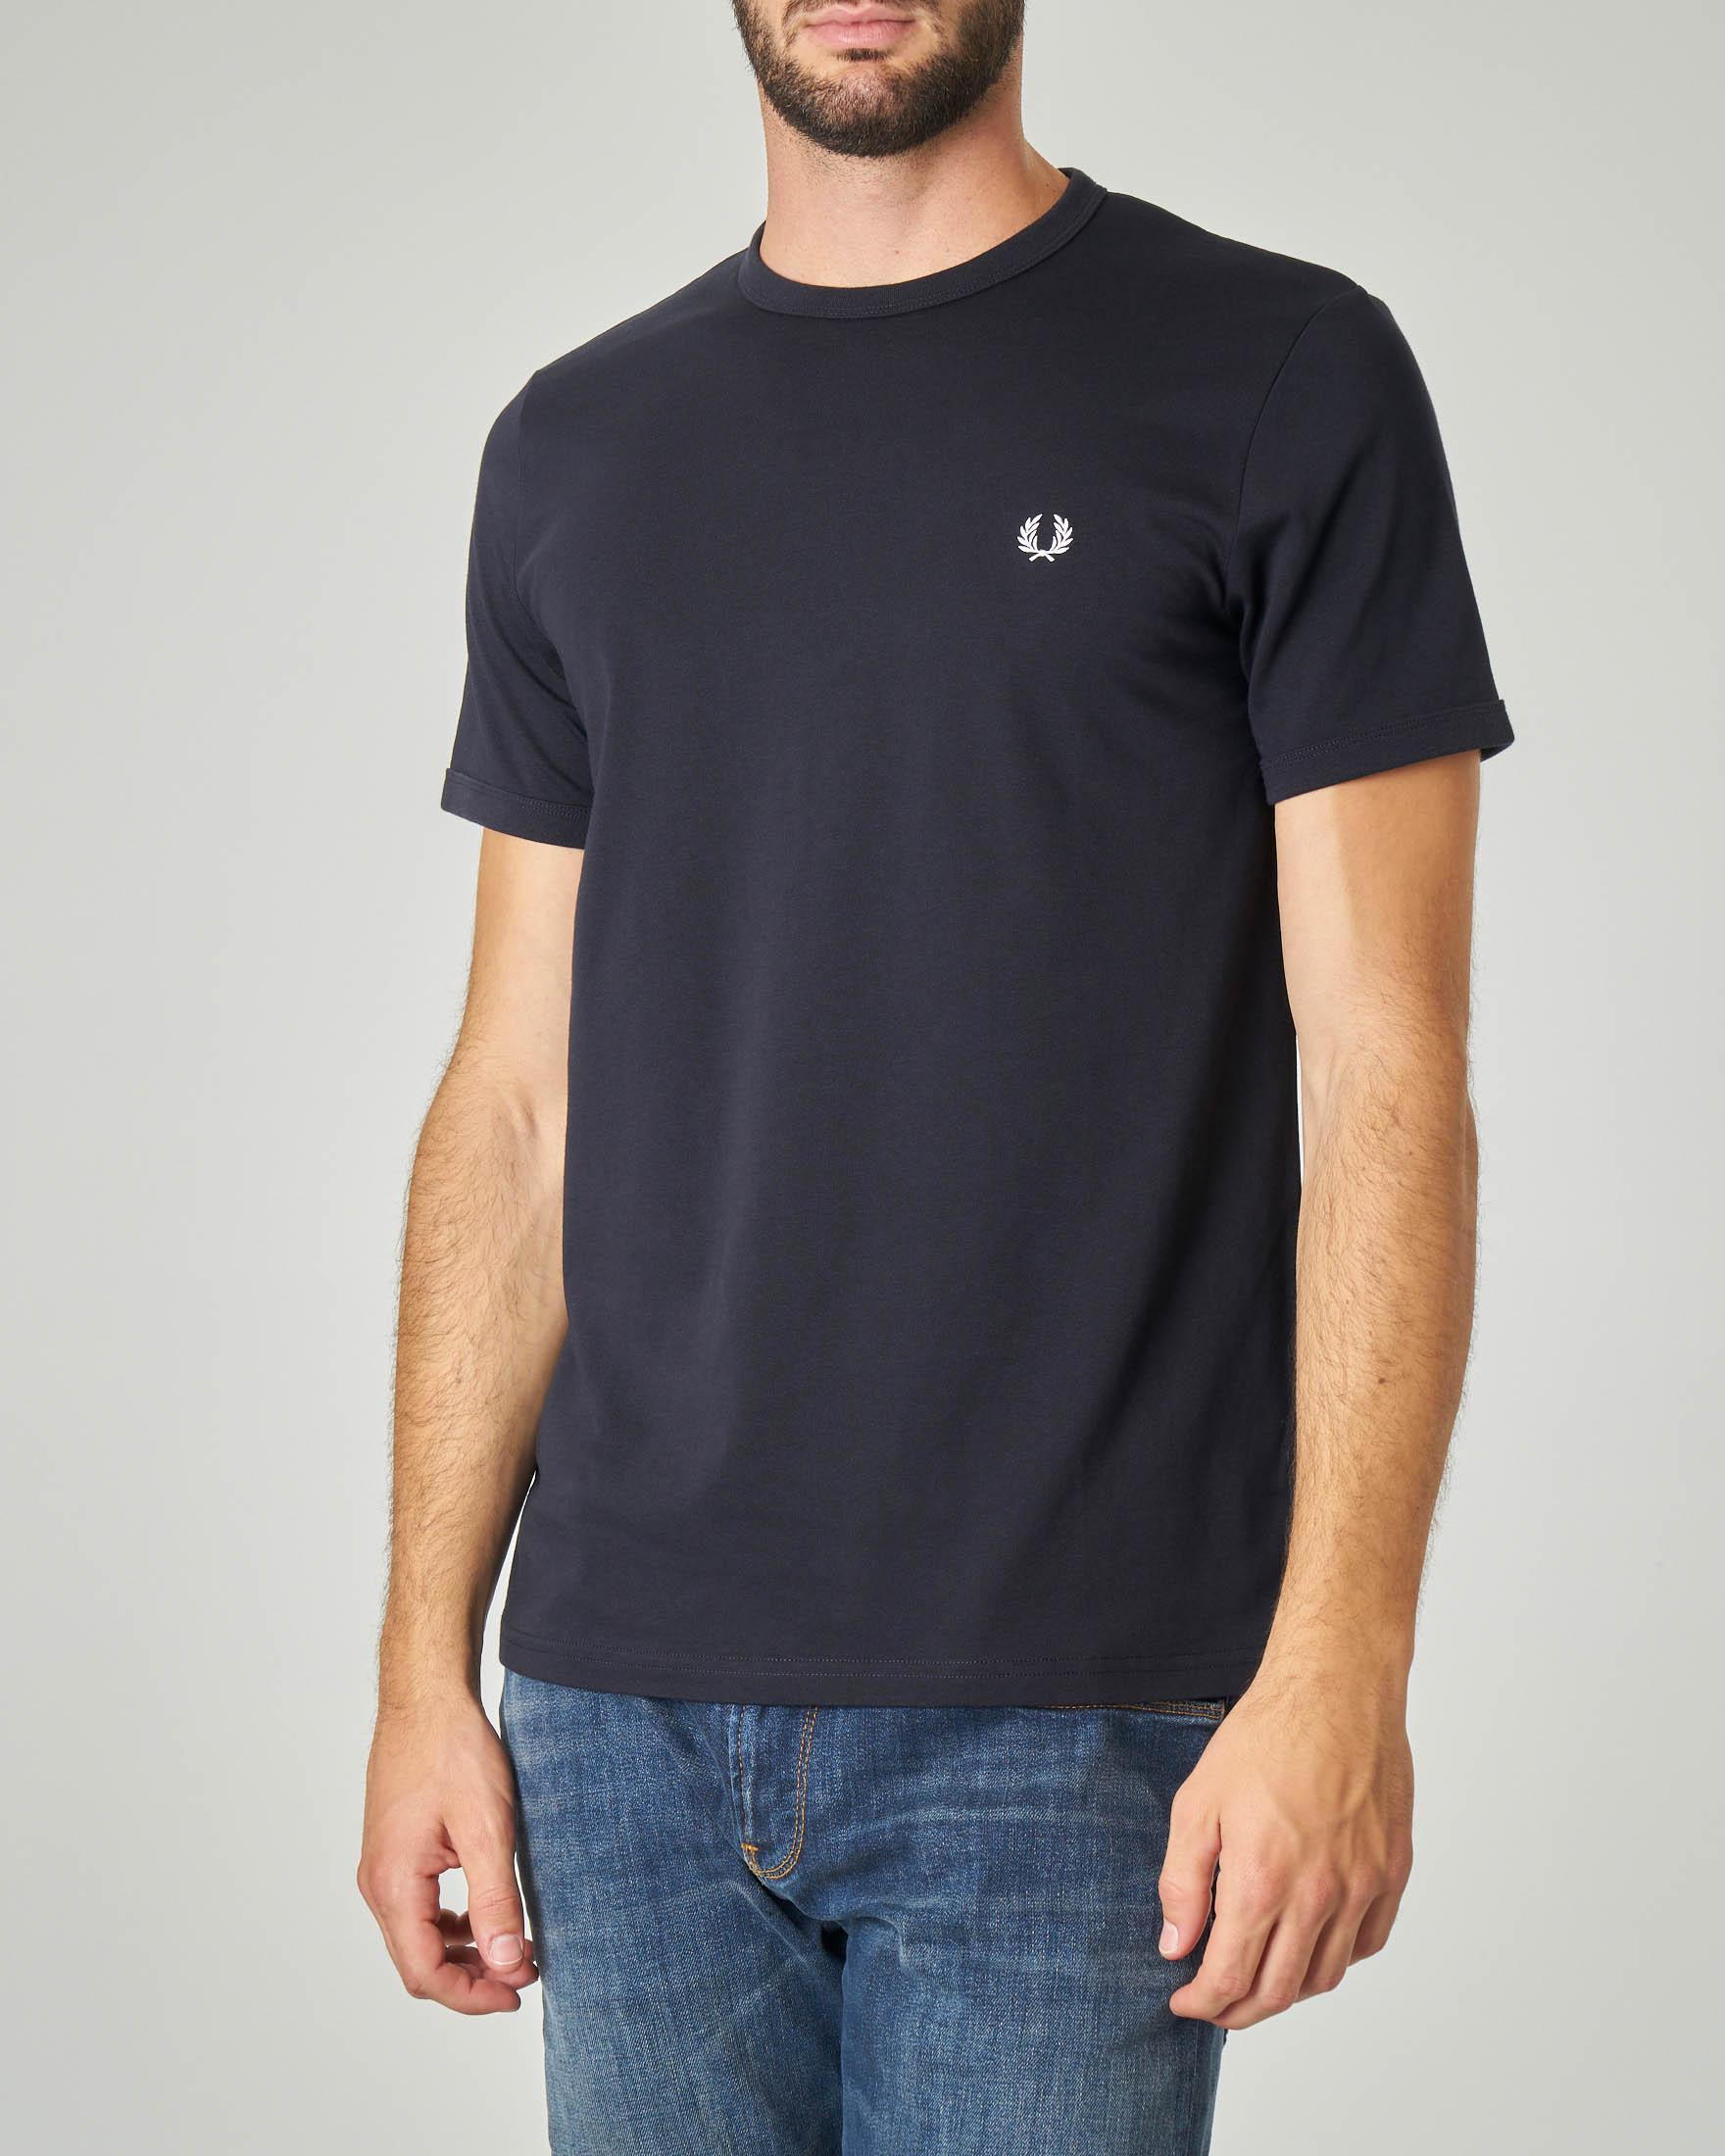 T-shirt blu con logo piccolo ricamato